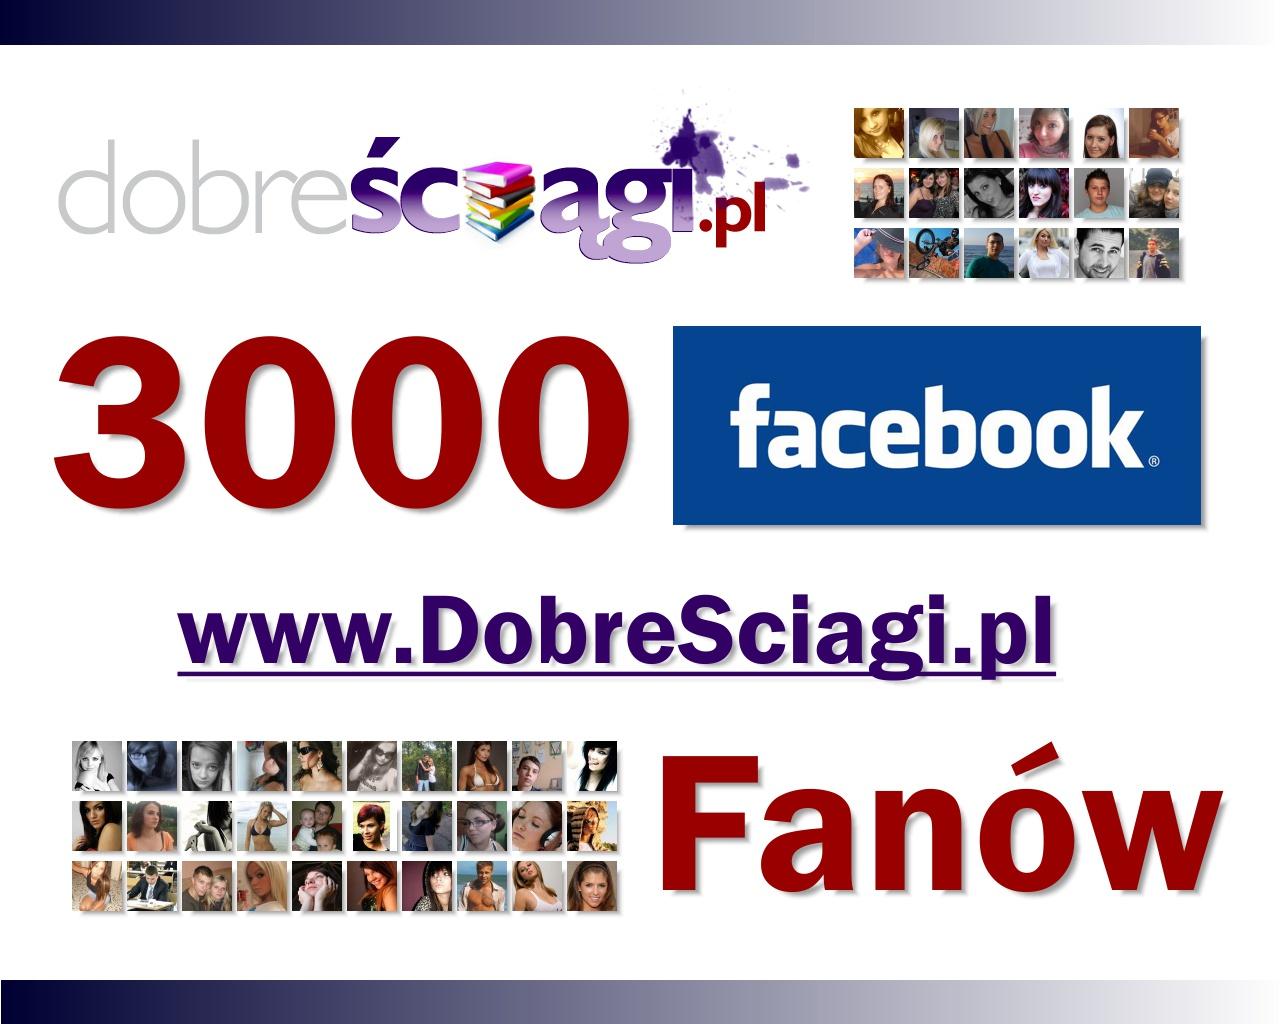 Facebook Dobresciagi.pl 3000 Fanów